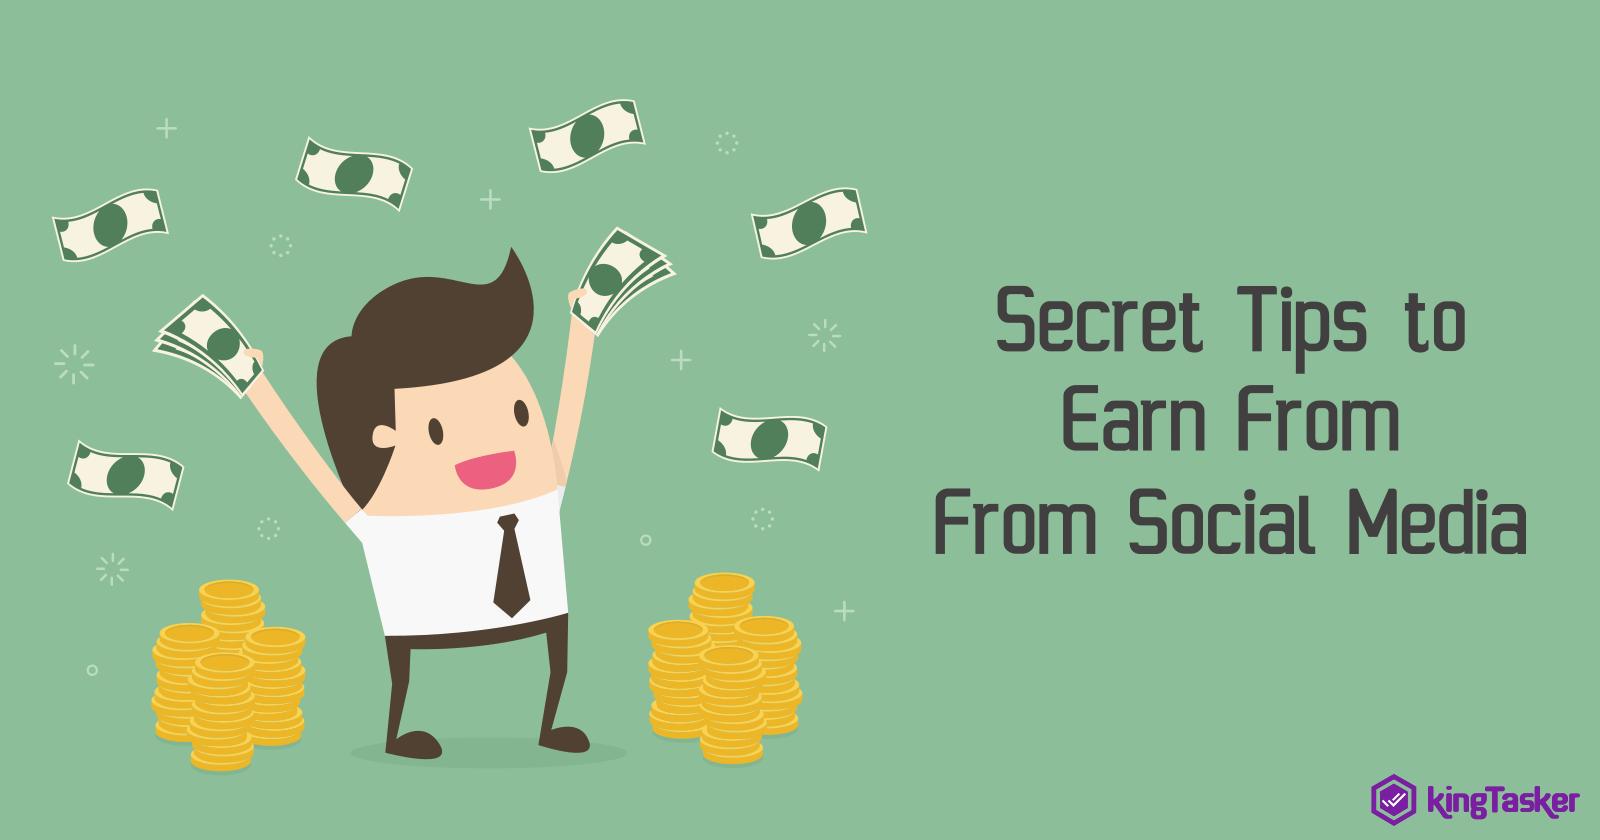 Secret Tips to Earn From Social Media